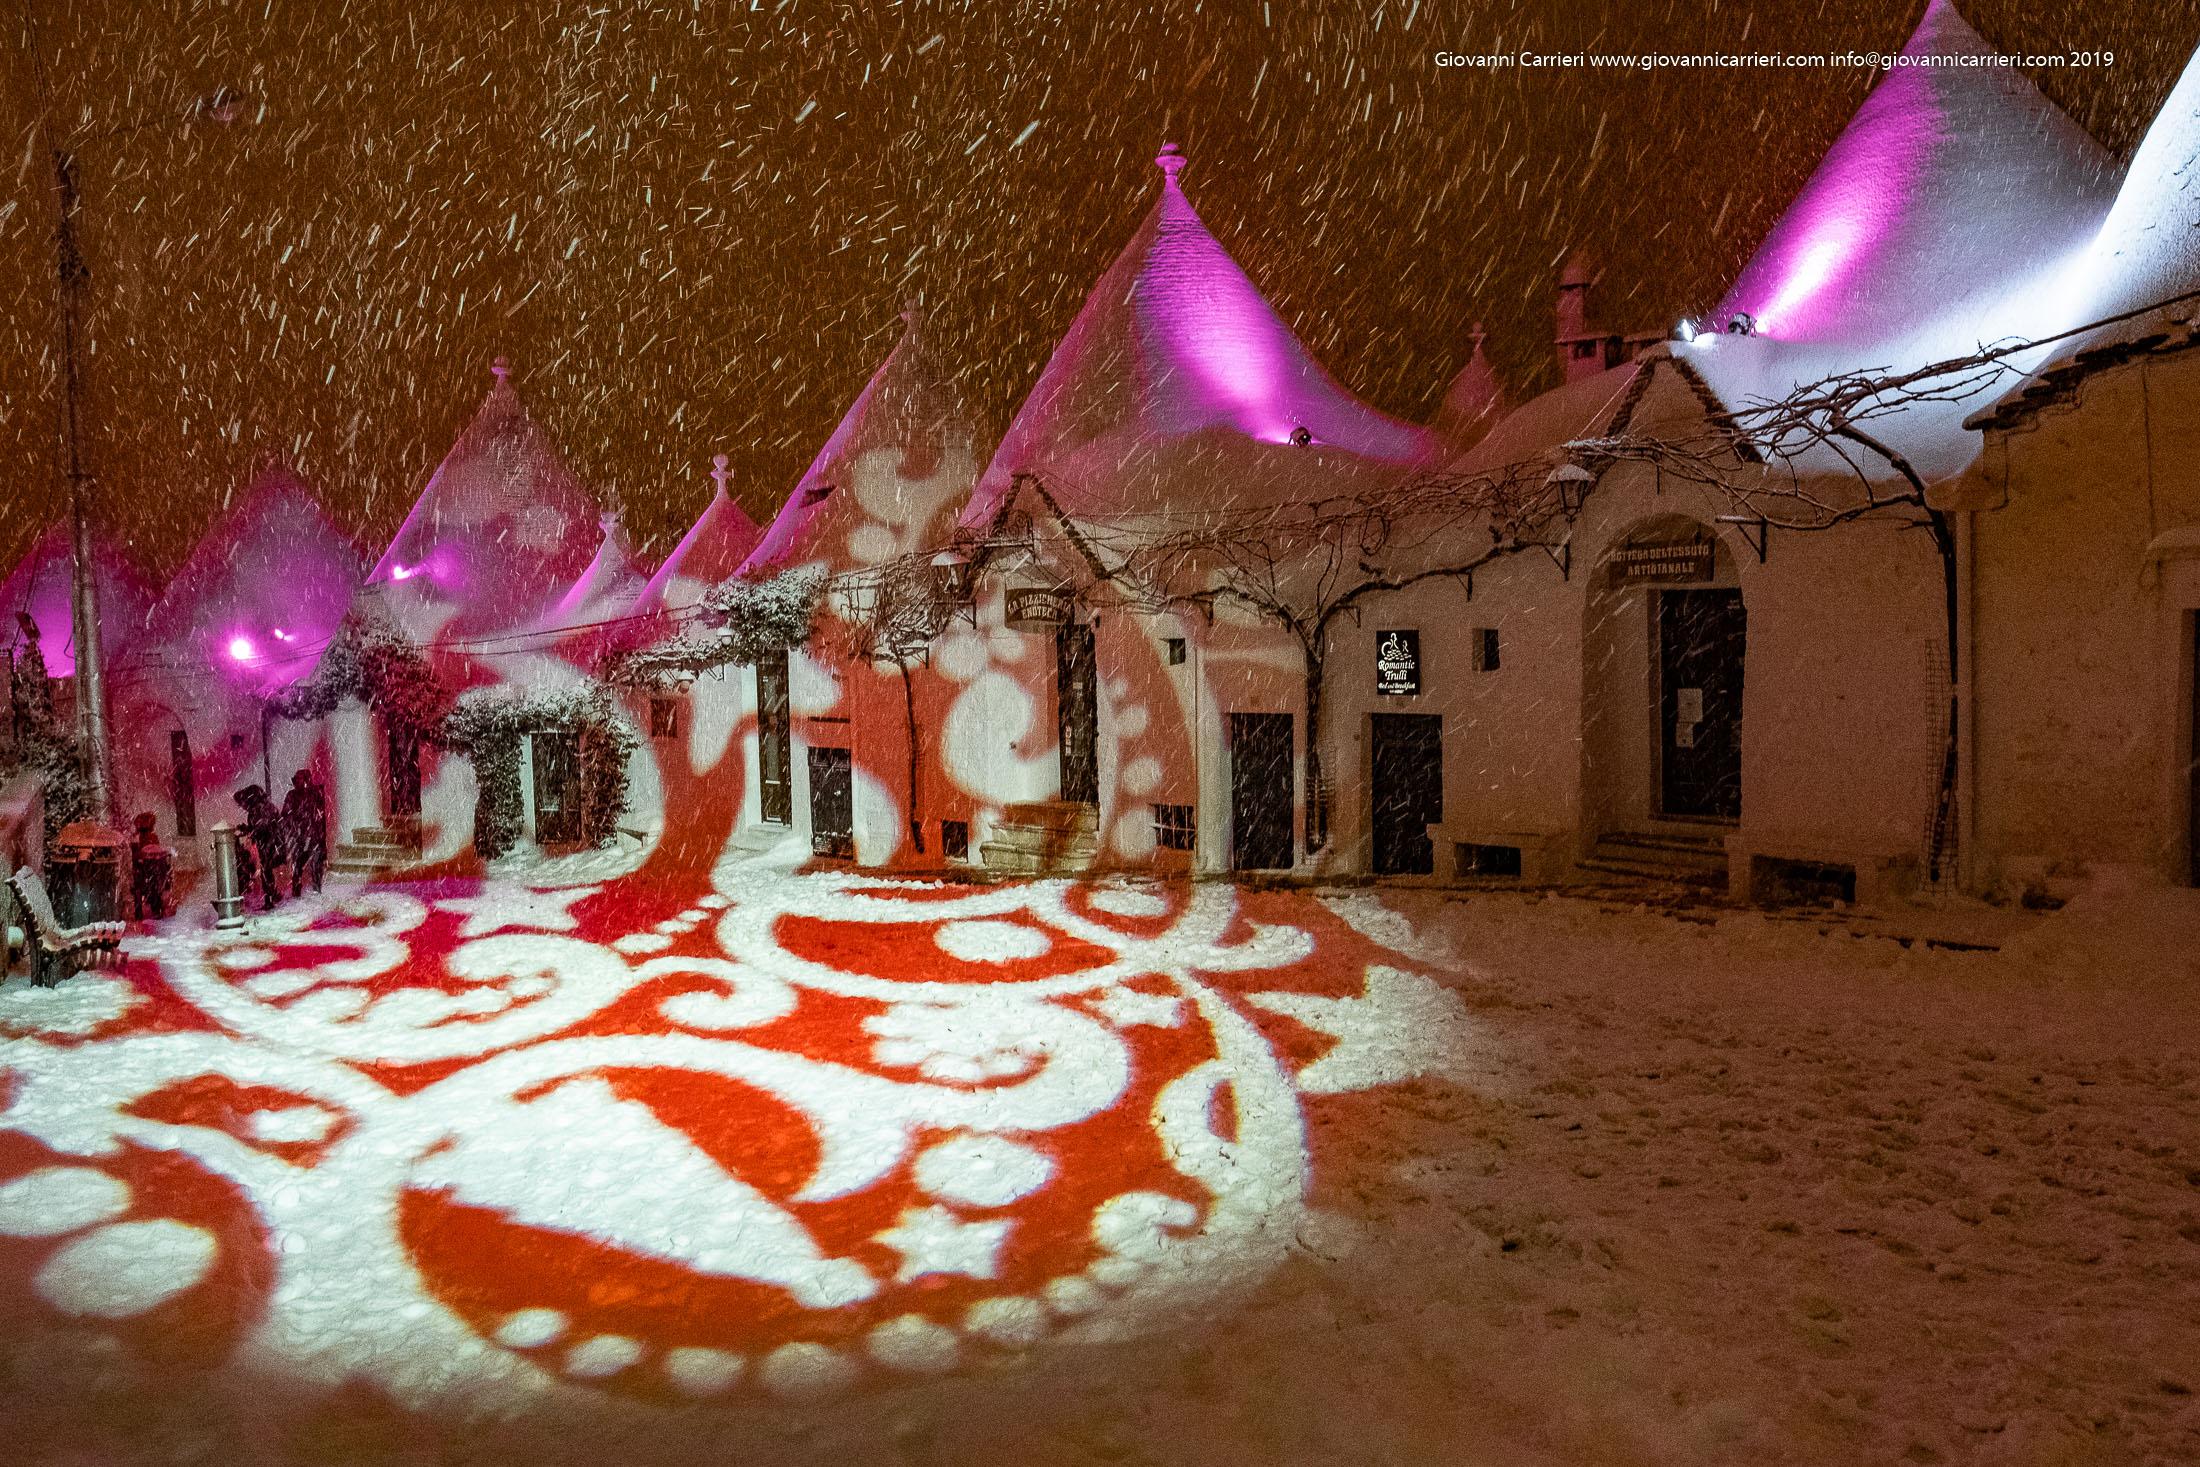 Le luci, la neve, il rosso ed i trulli di Alberobello